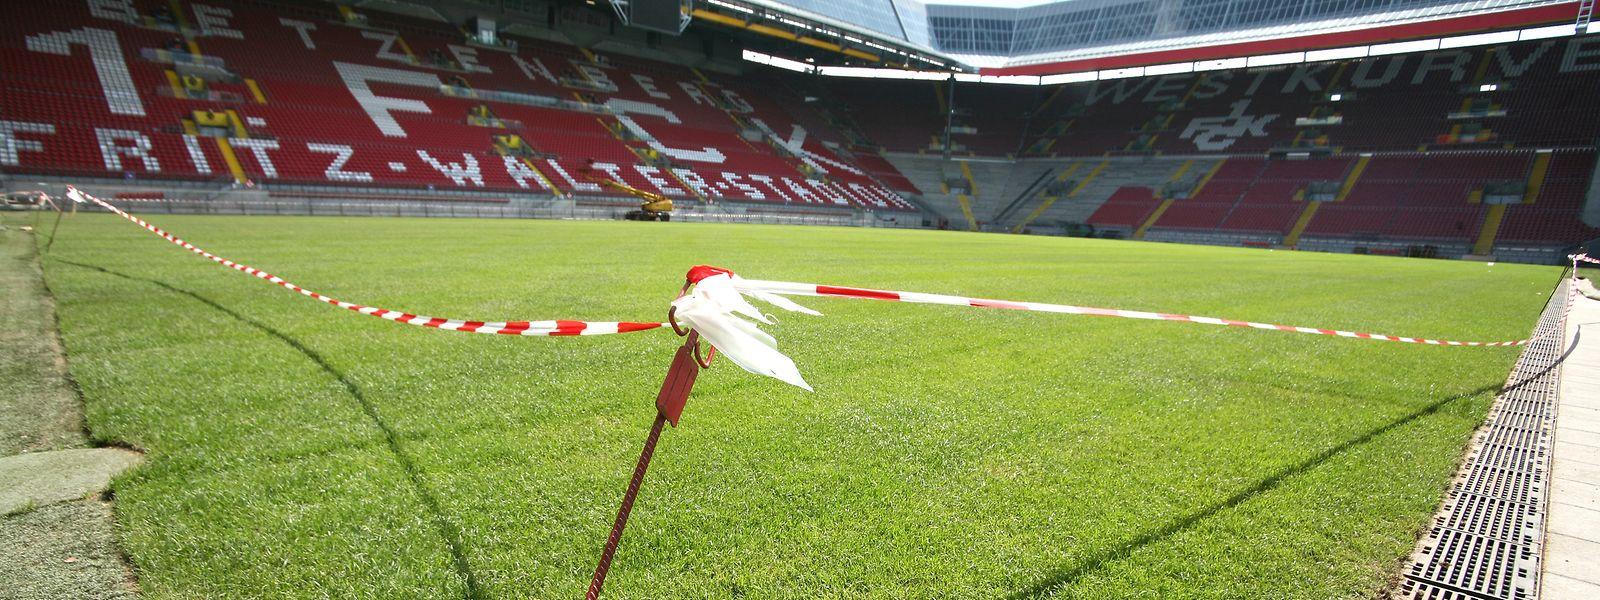 Fritz-Walter-Stadion und Arena Trier: Bezahlkartenanbieter justpay ...